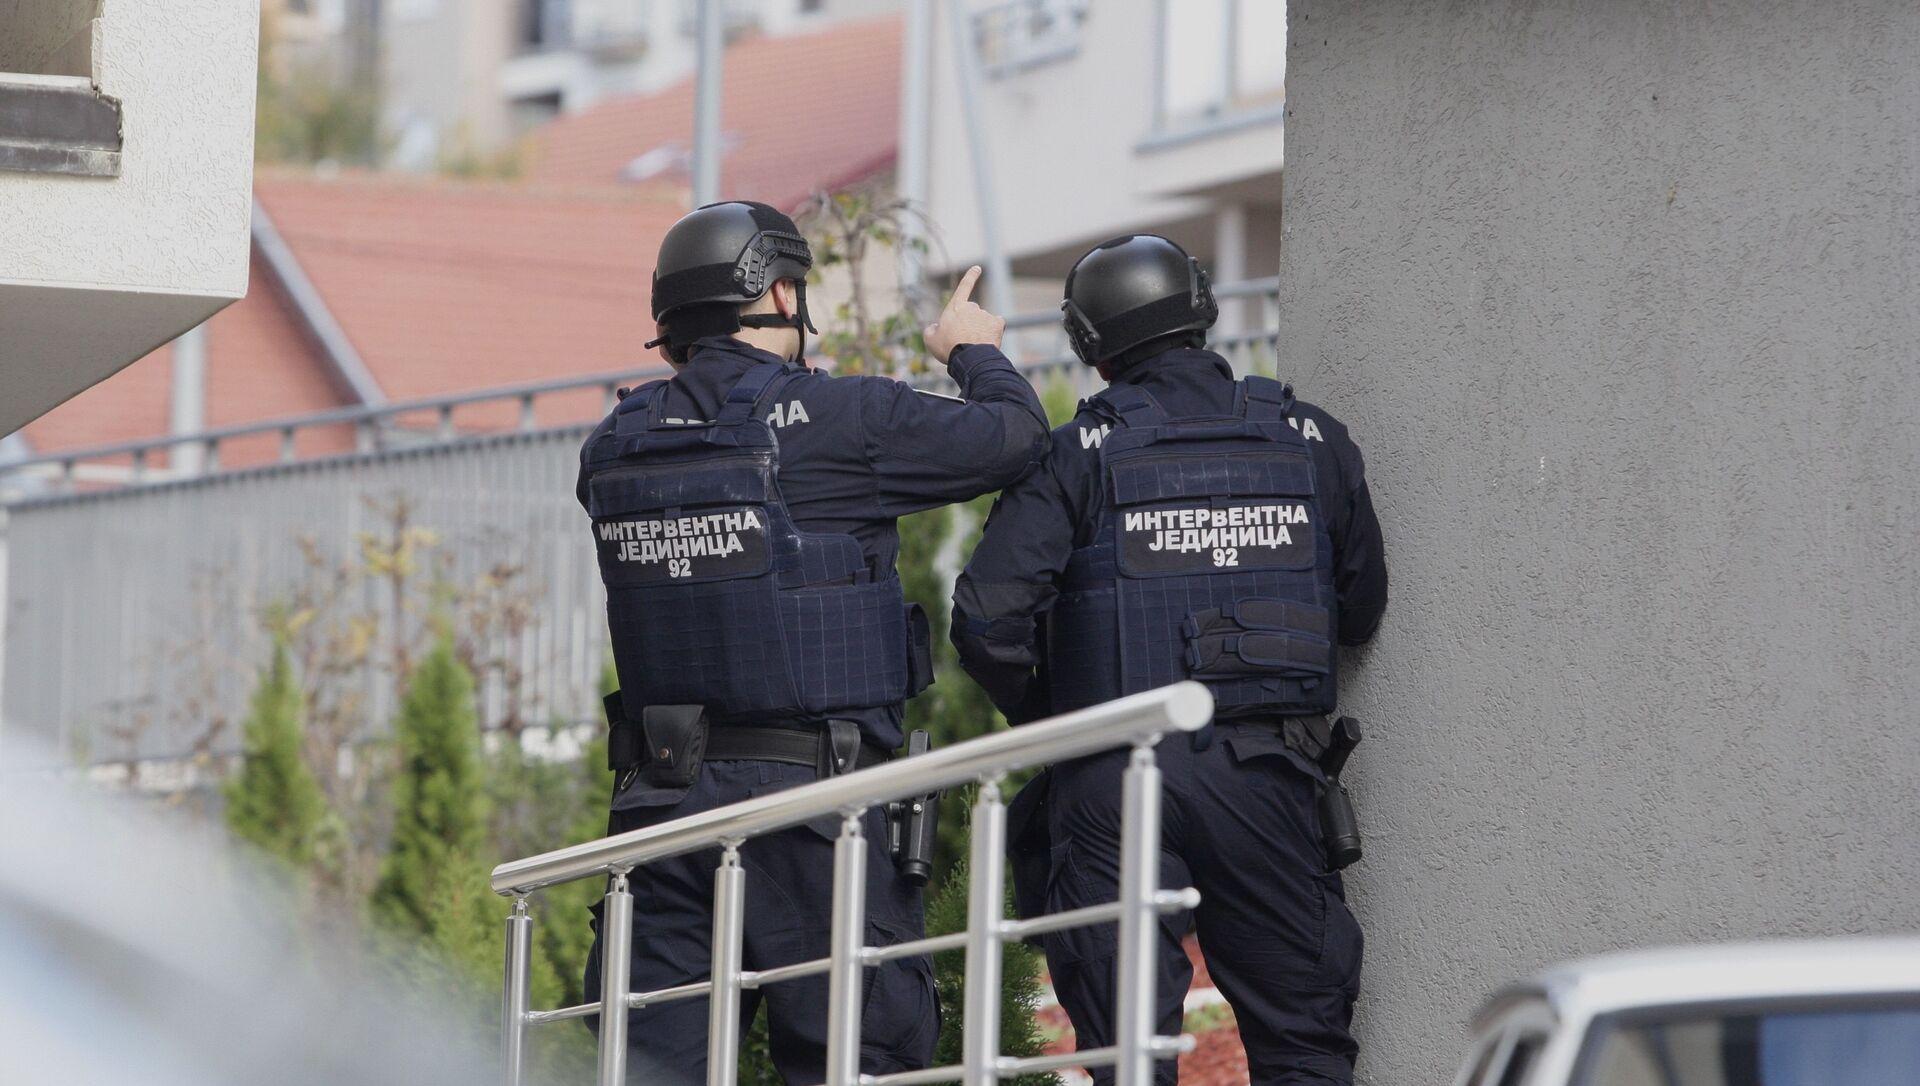 Policija u naselju Braće Jerković u Beogradu, ispred zgrade u kojoj policijski službenik preti samoubistvom - Sputnik Srbija, 1920, 04.02.2021